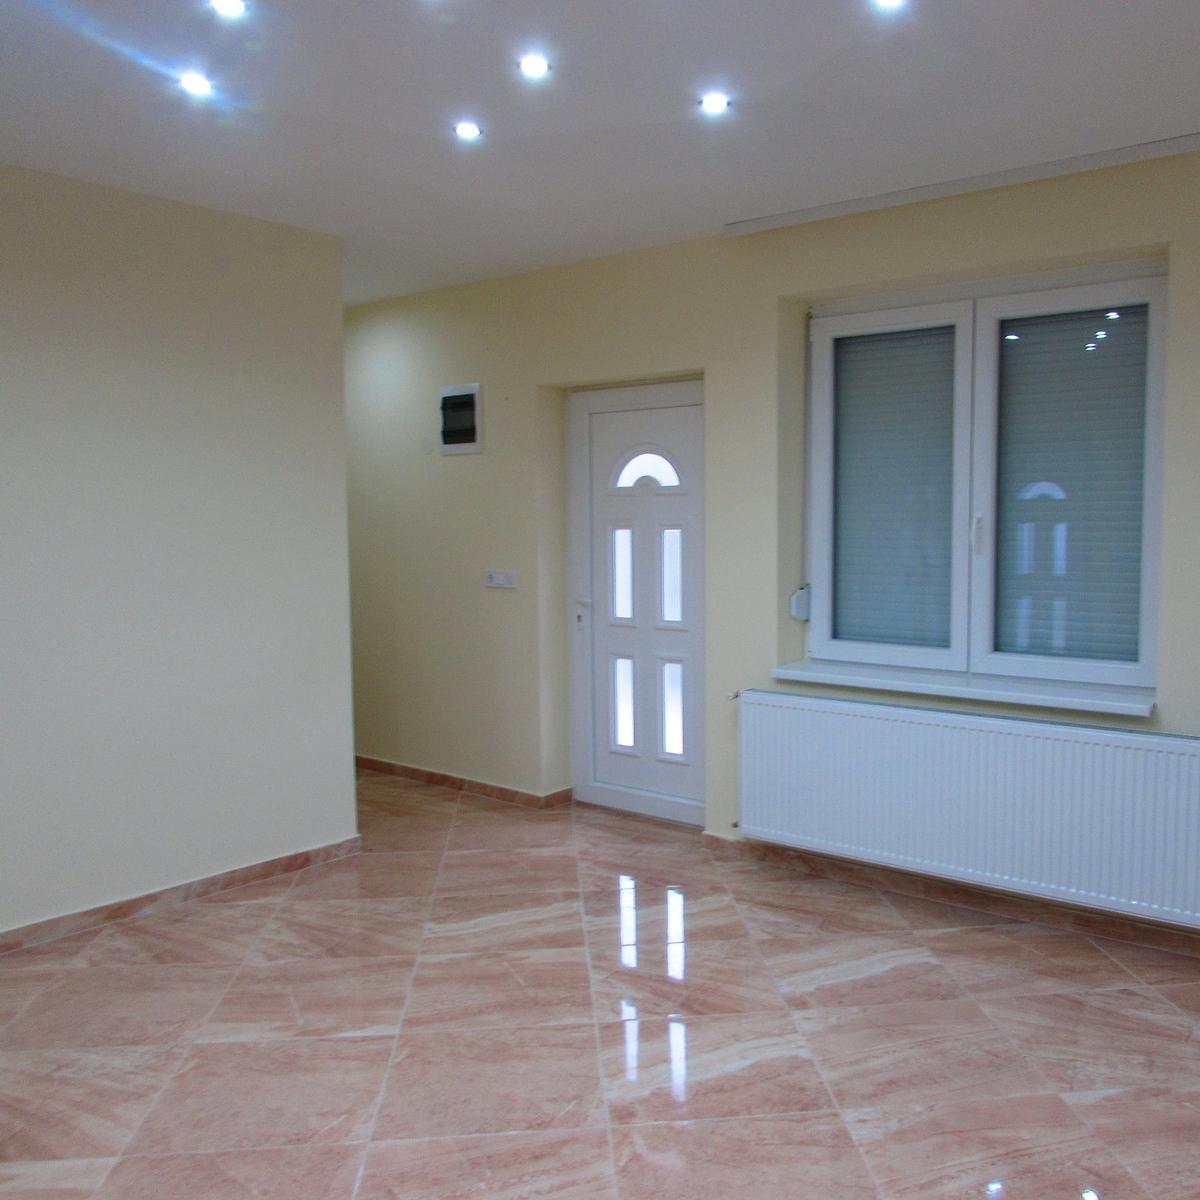 Eladó  családi ház (Zala megye, Nagykanizsa, Bagoly utca) 19 M  Ft